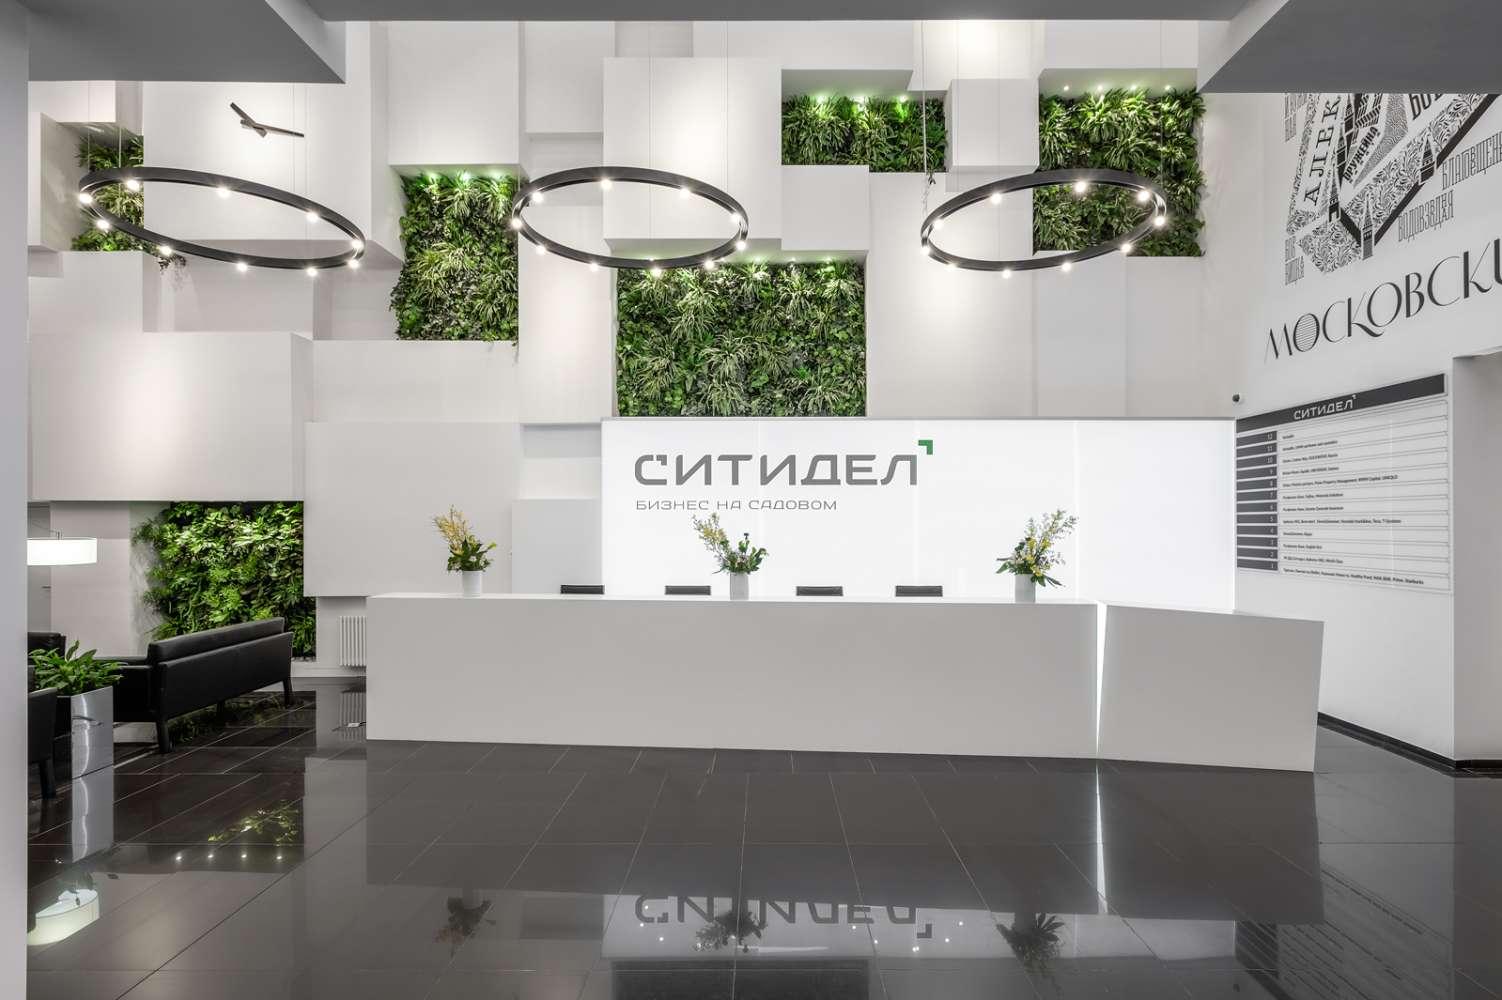 Офисная недвижимость Москва,  - СИТИДЕЛ - 0